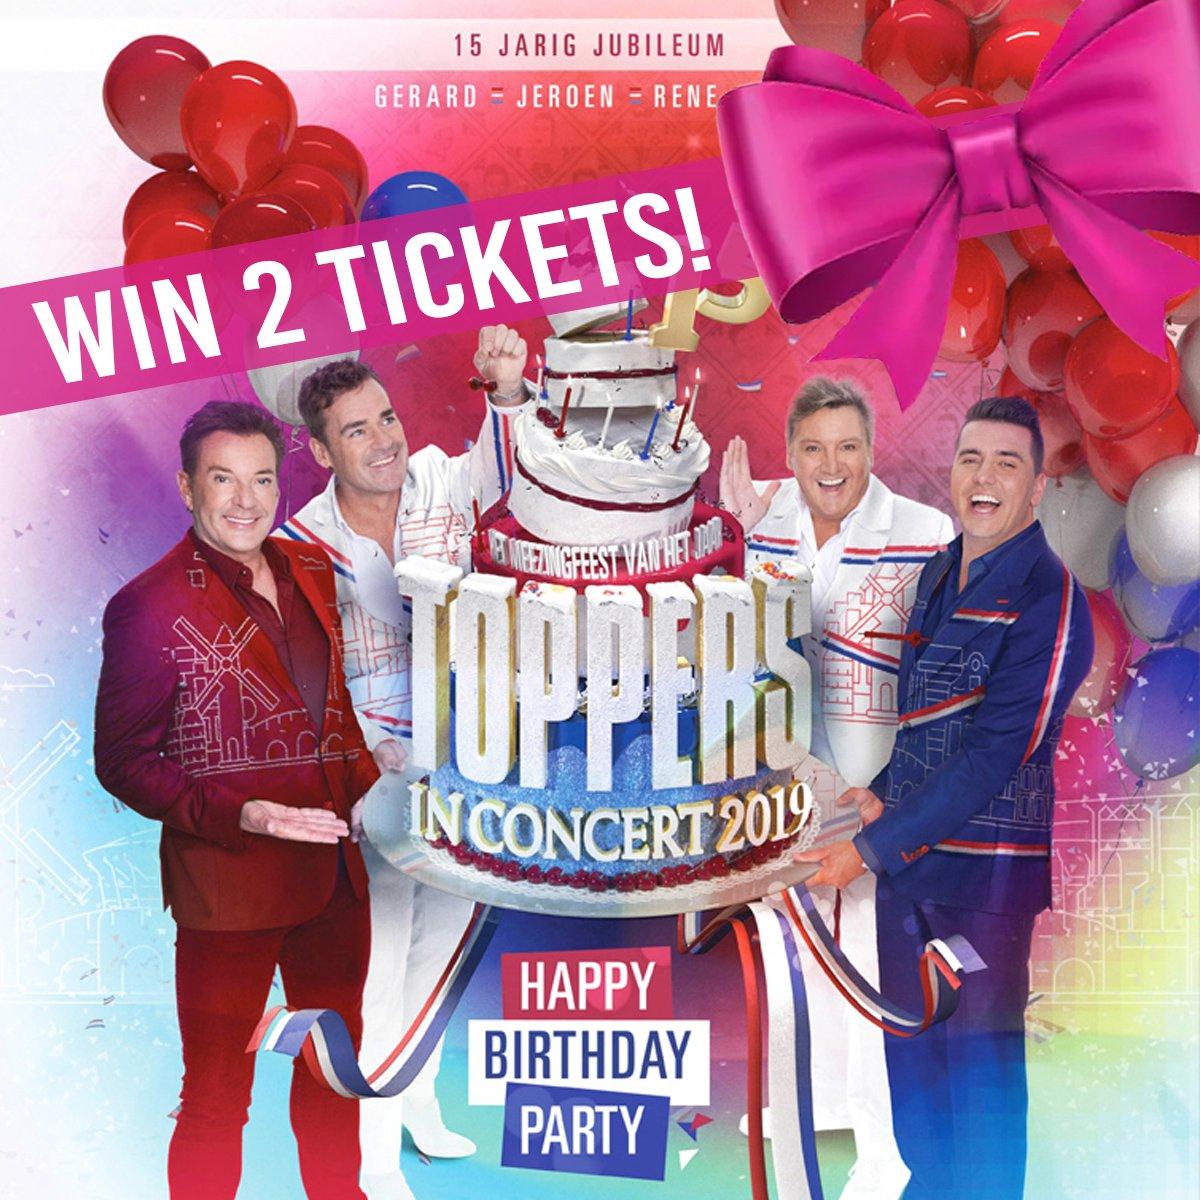 🕺🏼💃🏼 Op onze Facebookpagina geven wij twee VIP tickets weg voor Toppers in Concert 2019, inclusief 2 cards met een tegoed van € 20,- per kaart! 🎉  Kijk hoe je kans kunt maken 👉🏼 http://bit.ly/30GdllJ  https://twitter.com/cruijffarena/status/1131844882799222784/photo/1pic.twitter.com/0AMX41jC7H